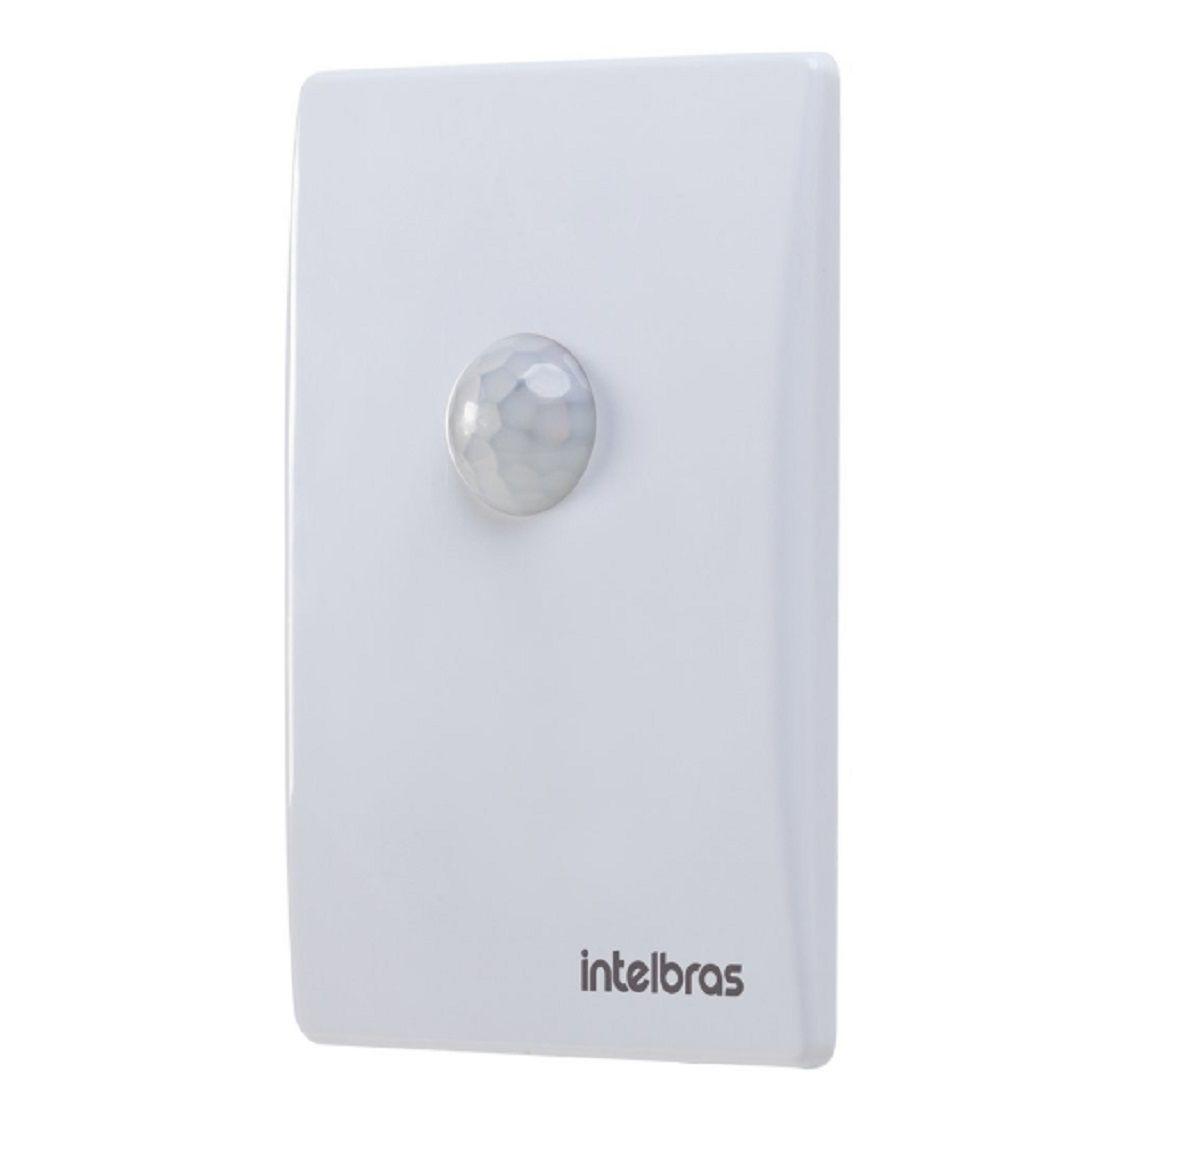 Sensores De Presença Intelbras Para Iluminação Esp 180 E